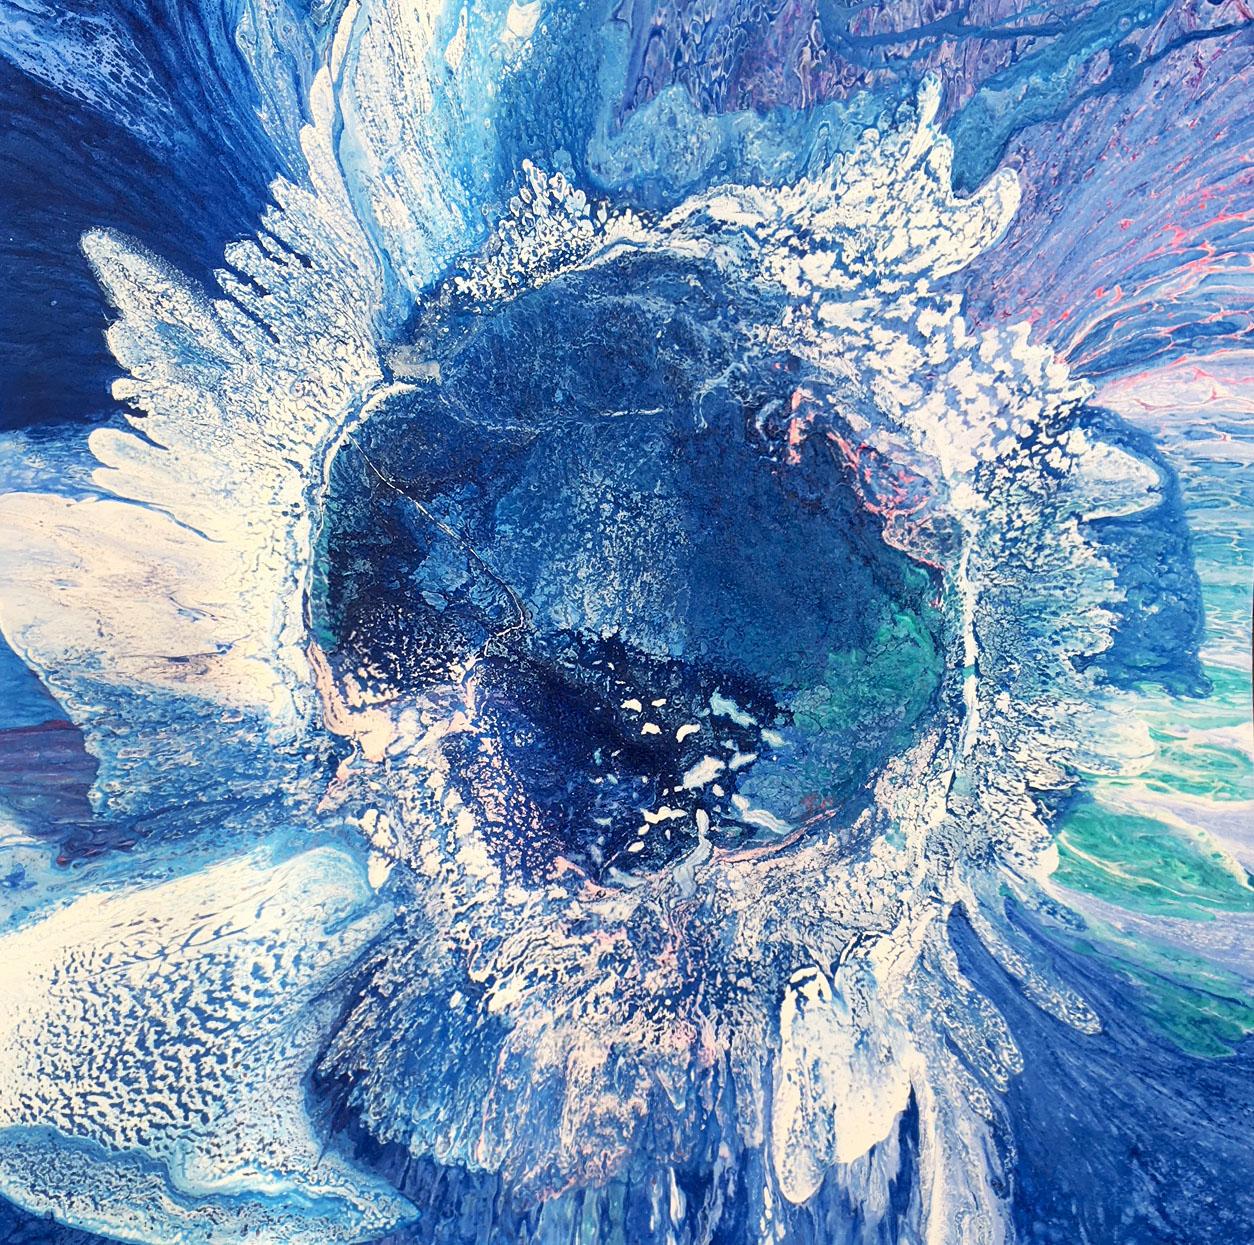 Modrý svět - Katarína Regešová